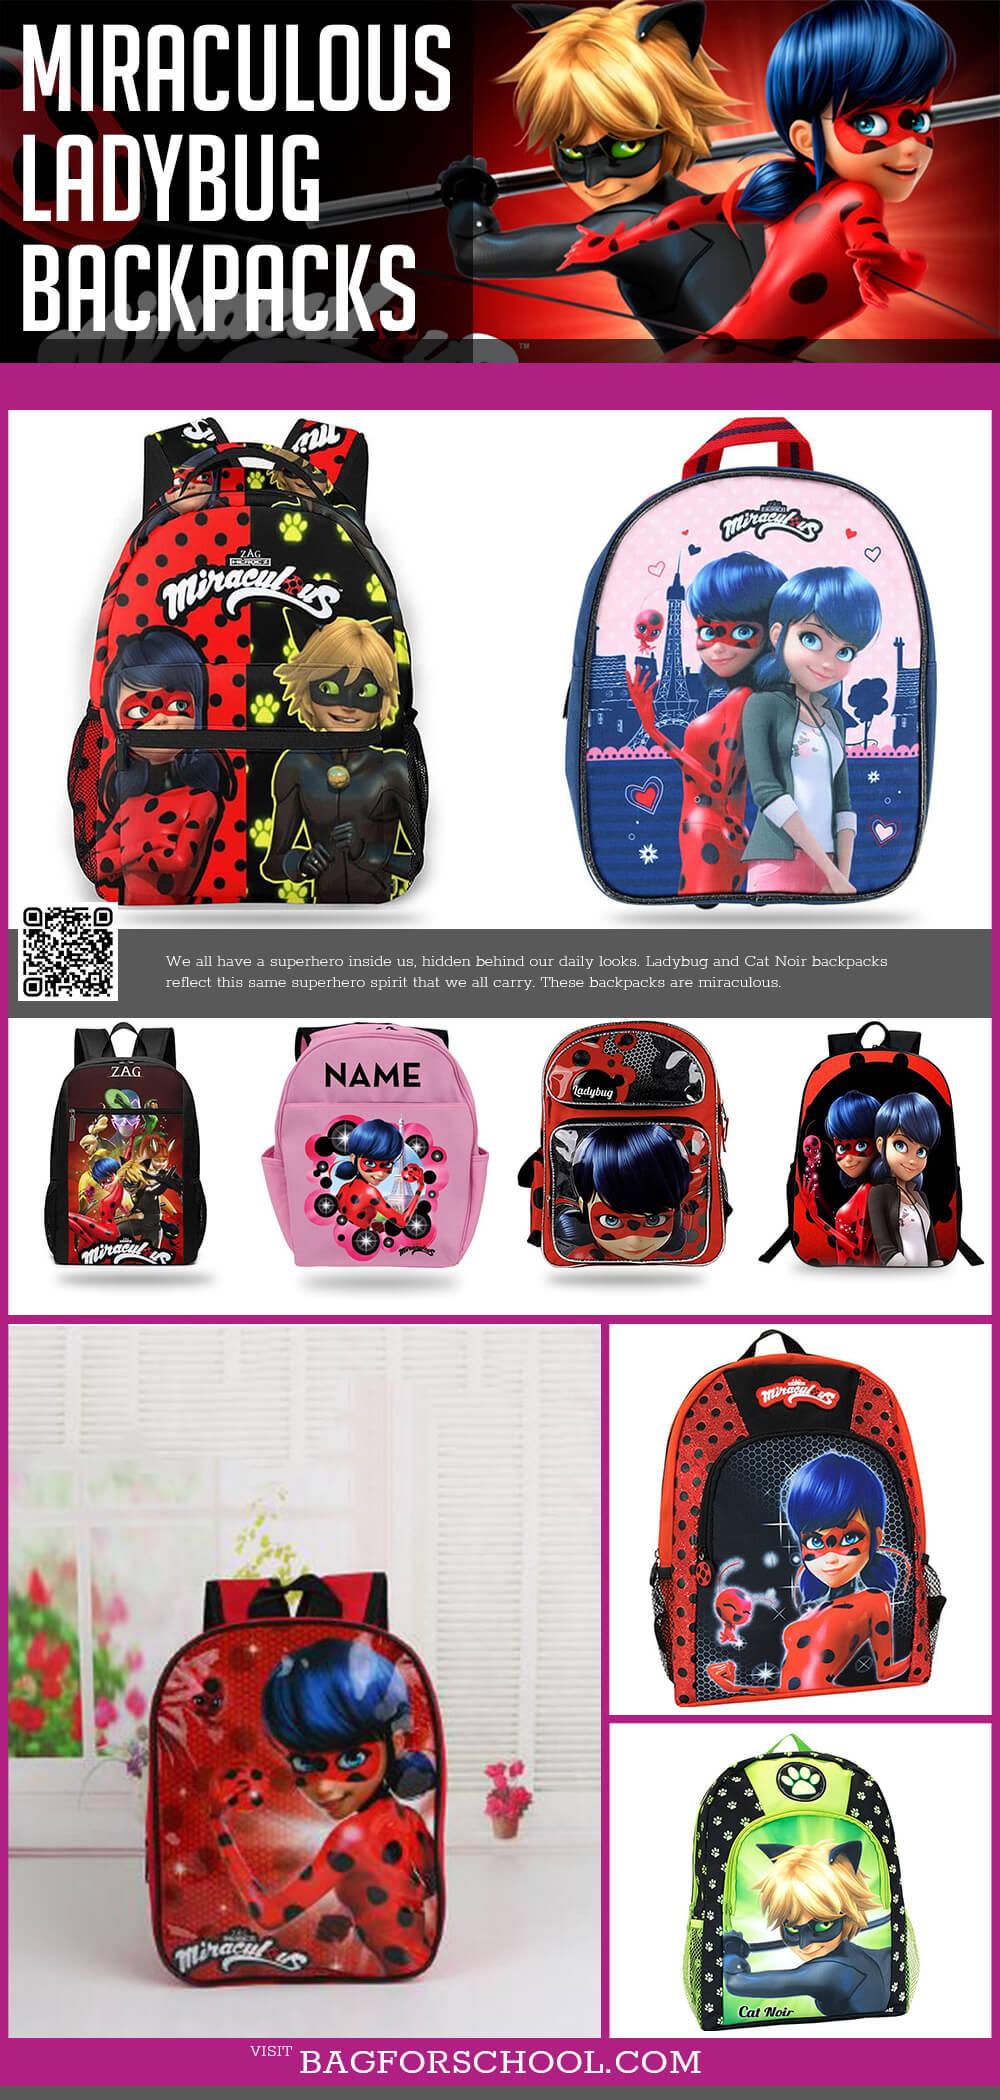 Miraculous Ladybug Backpacks